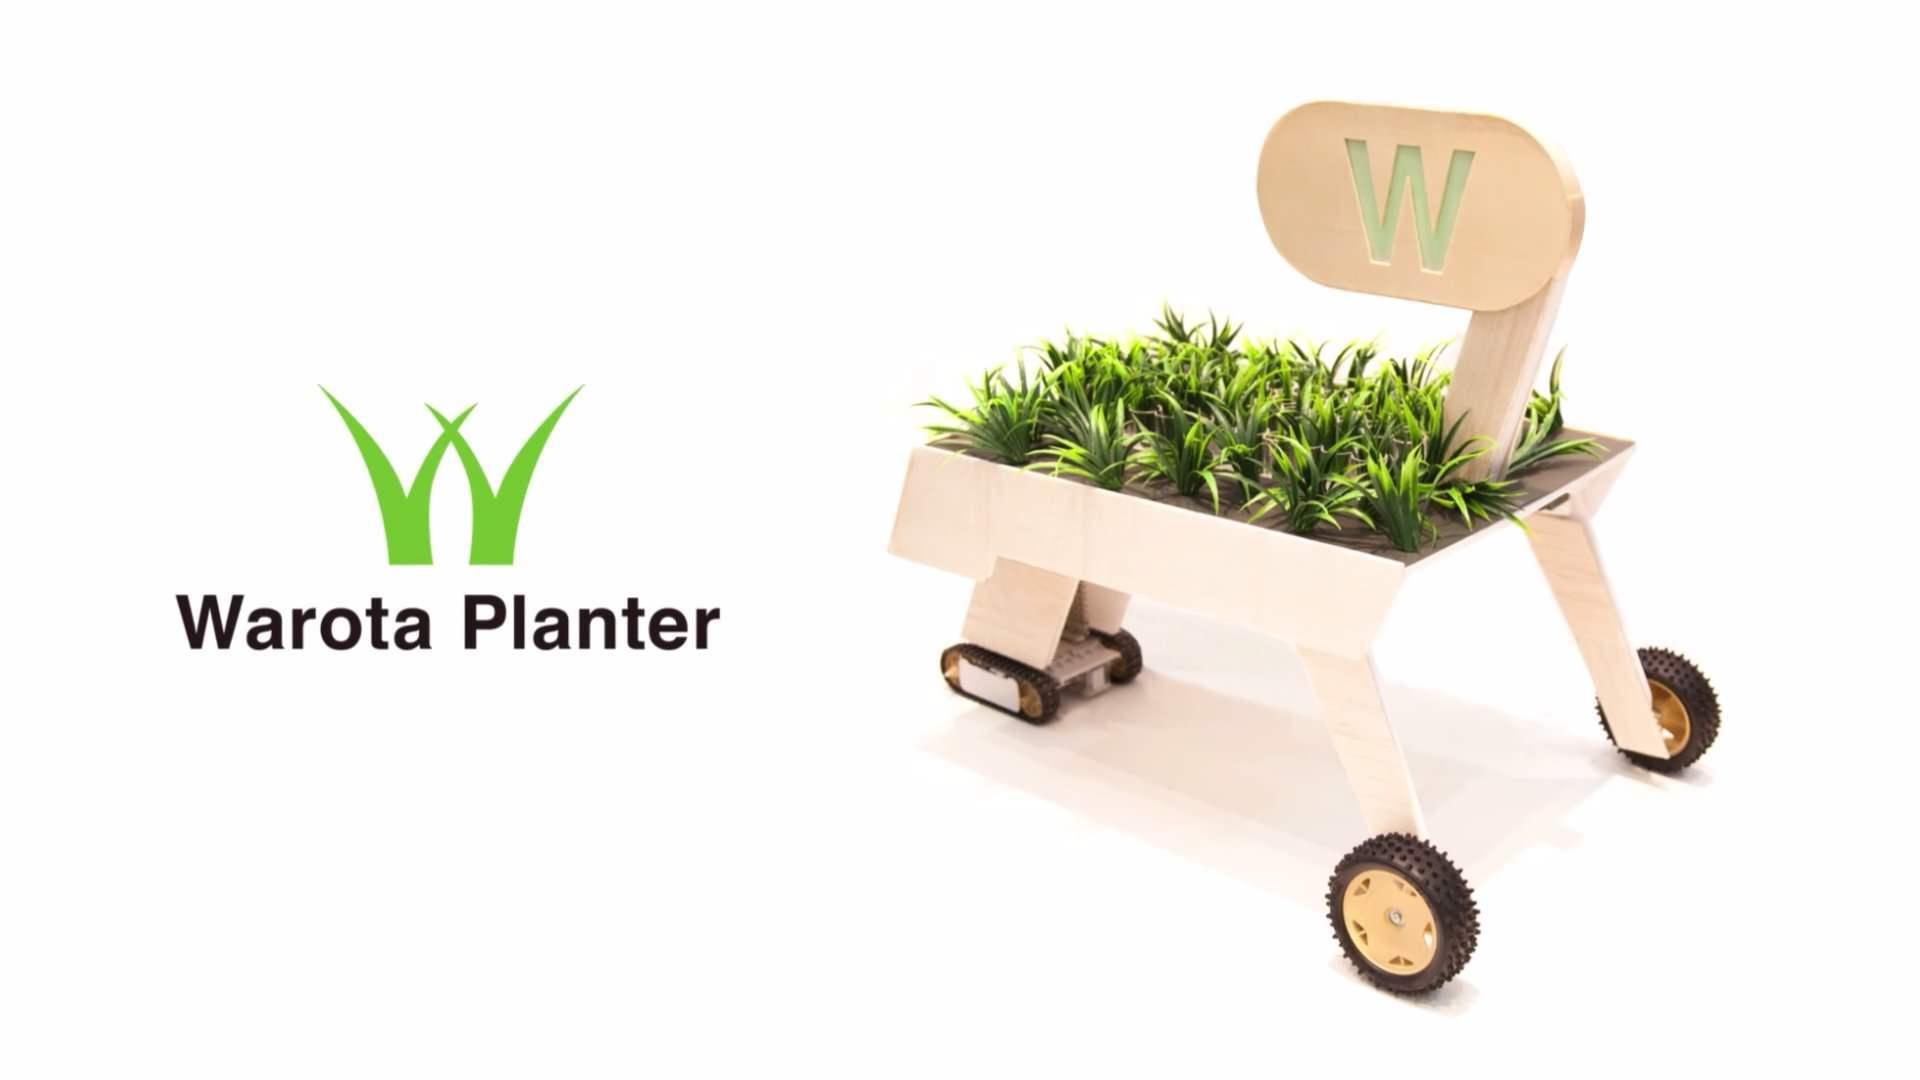 大草原不可避!ネットで誰かが「w」とつぶやけば、草が植えられる機械:Warota Planter